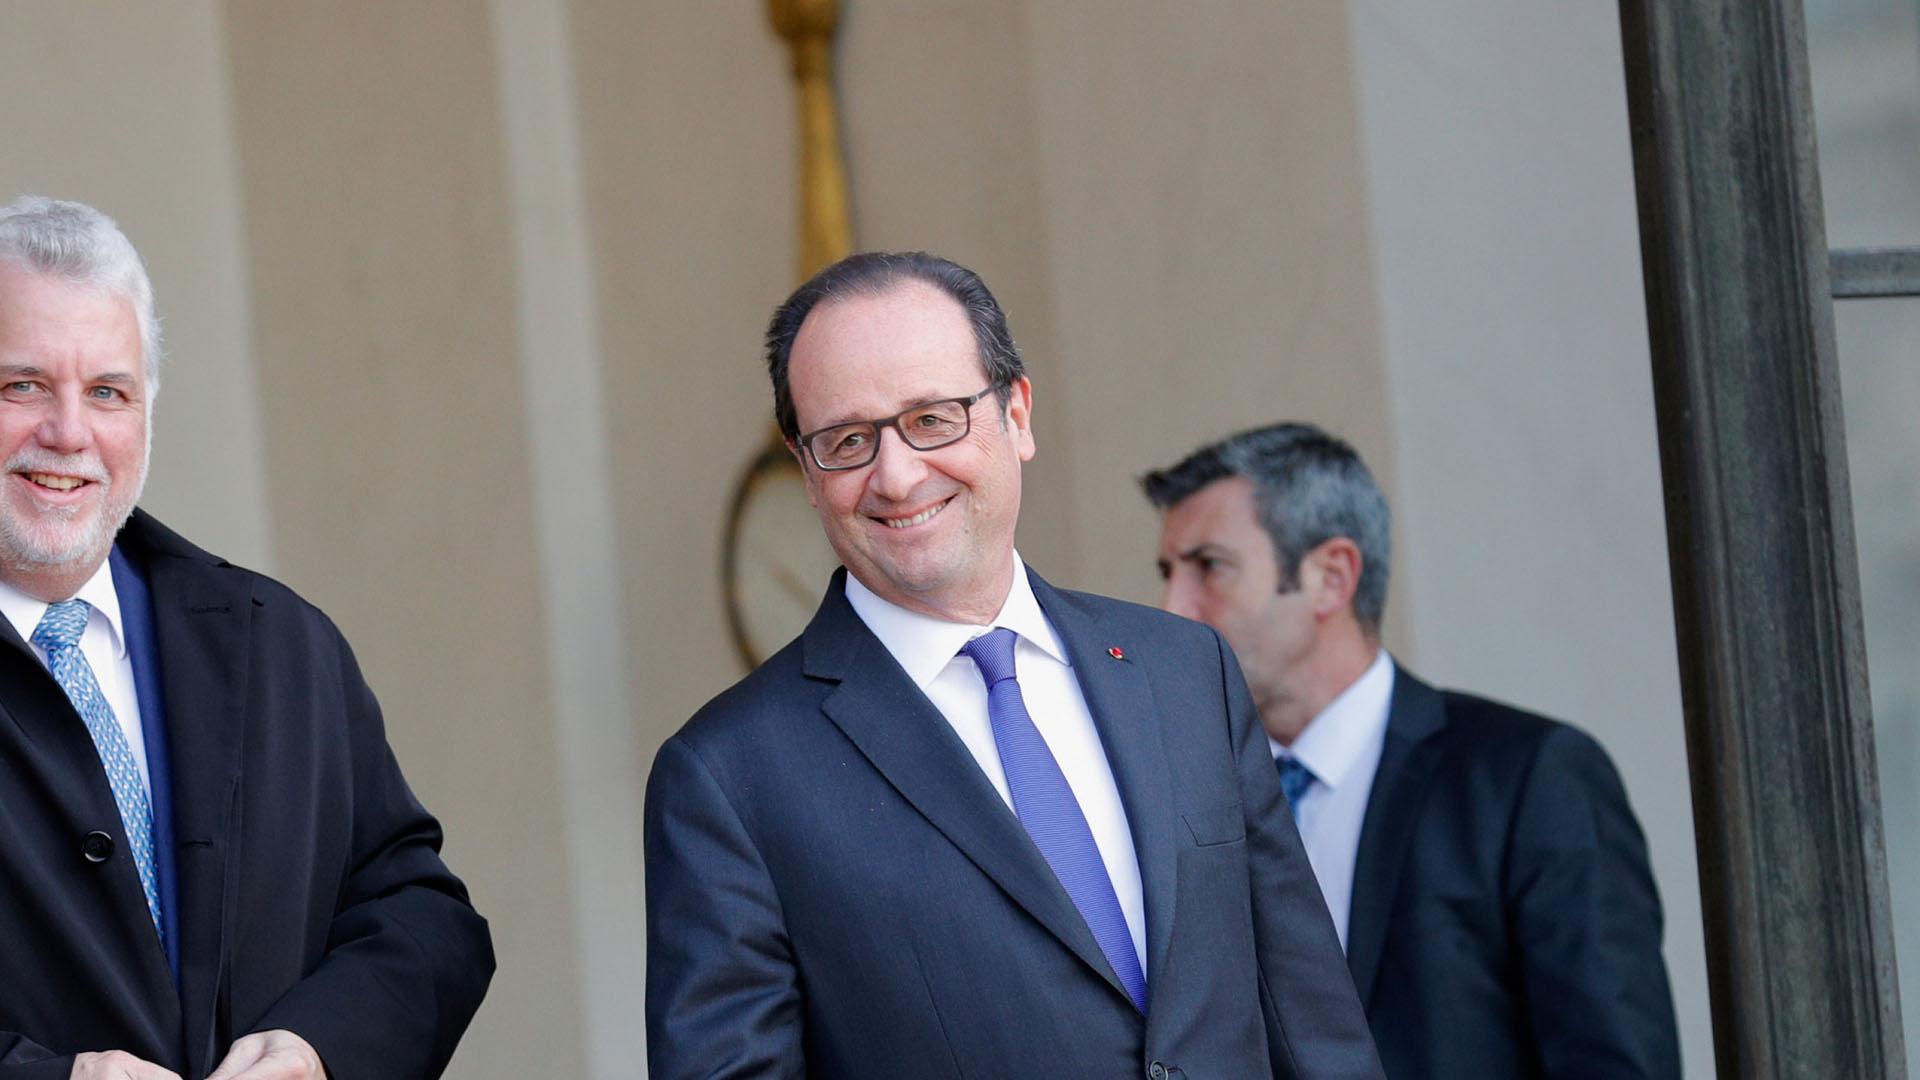 El próximo 10 de diciembre el mandatario francés dará su respuesta si aspirará a un segundo mandato